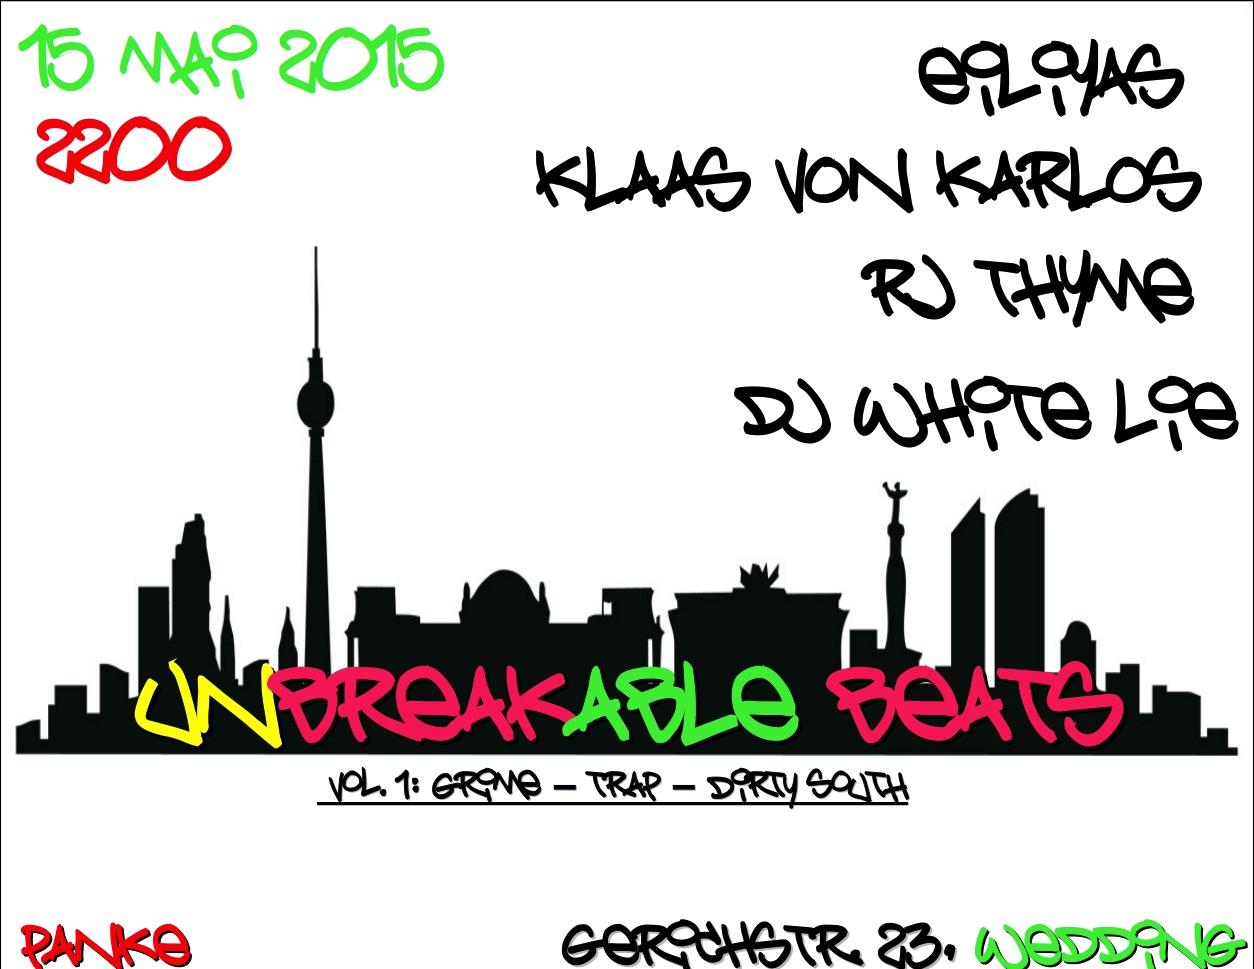 Unbreakable Beats – EILIYAS, KLAAS VON KARLOS, RJ THYME & DJ WHITE LIE